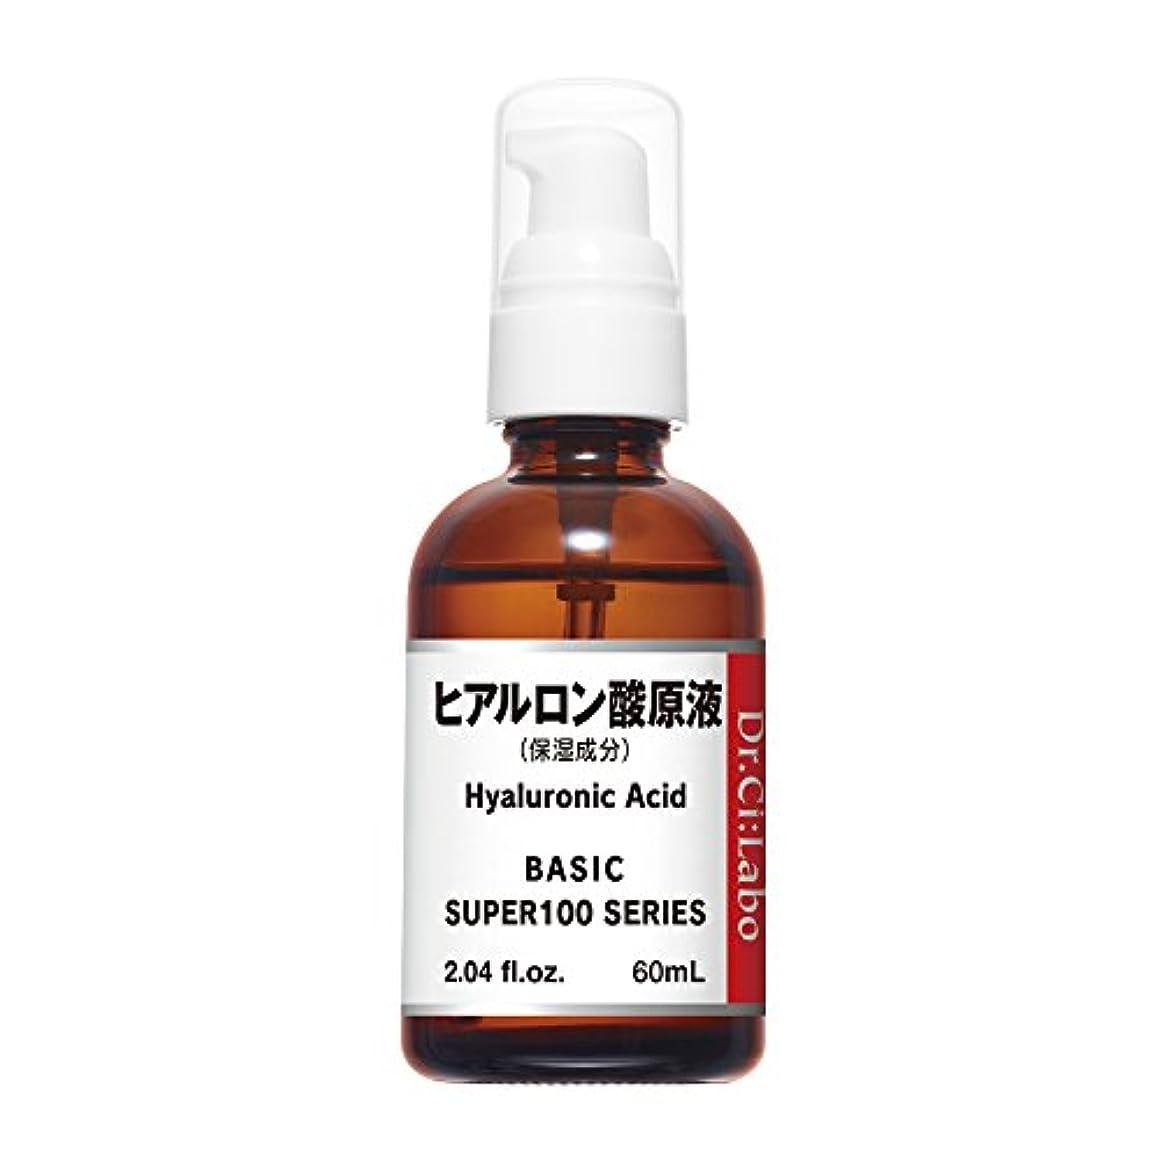 突撃帰るアルファベット順ドクターシーラボ スーパー100シリーズ ヒアルロン酸原液 60mL(BIG) 原液化粧品